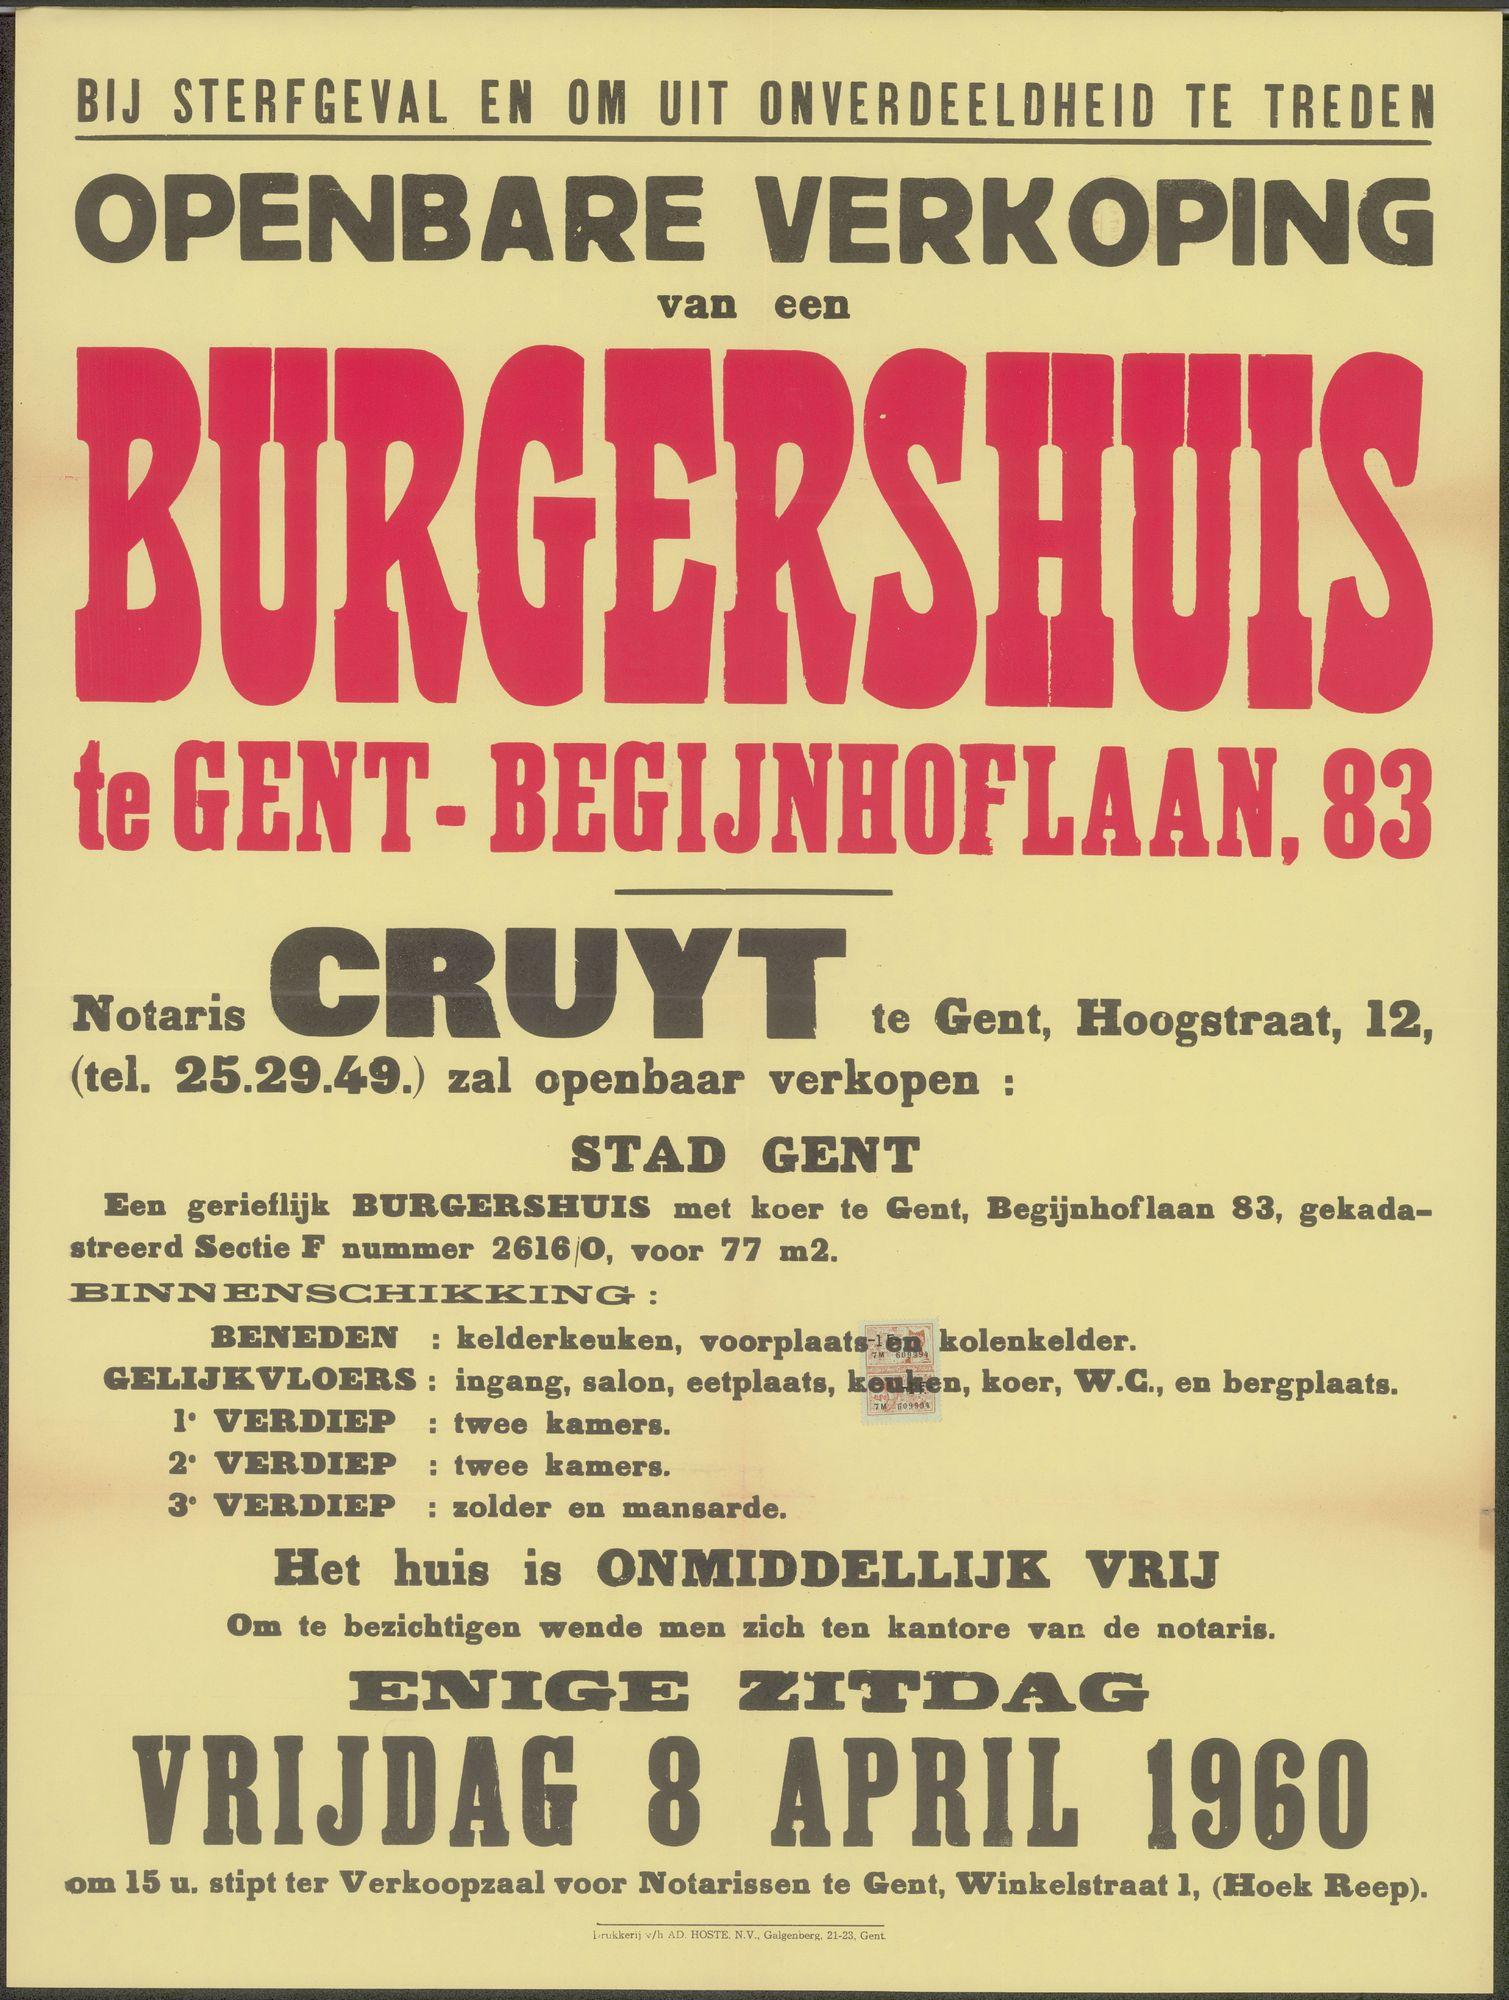 Openbare verkoop van een burgershuis te Gent - Begijnhoflaan, nr.83, Gent, 8 april 1960